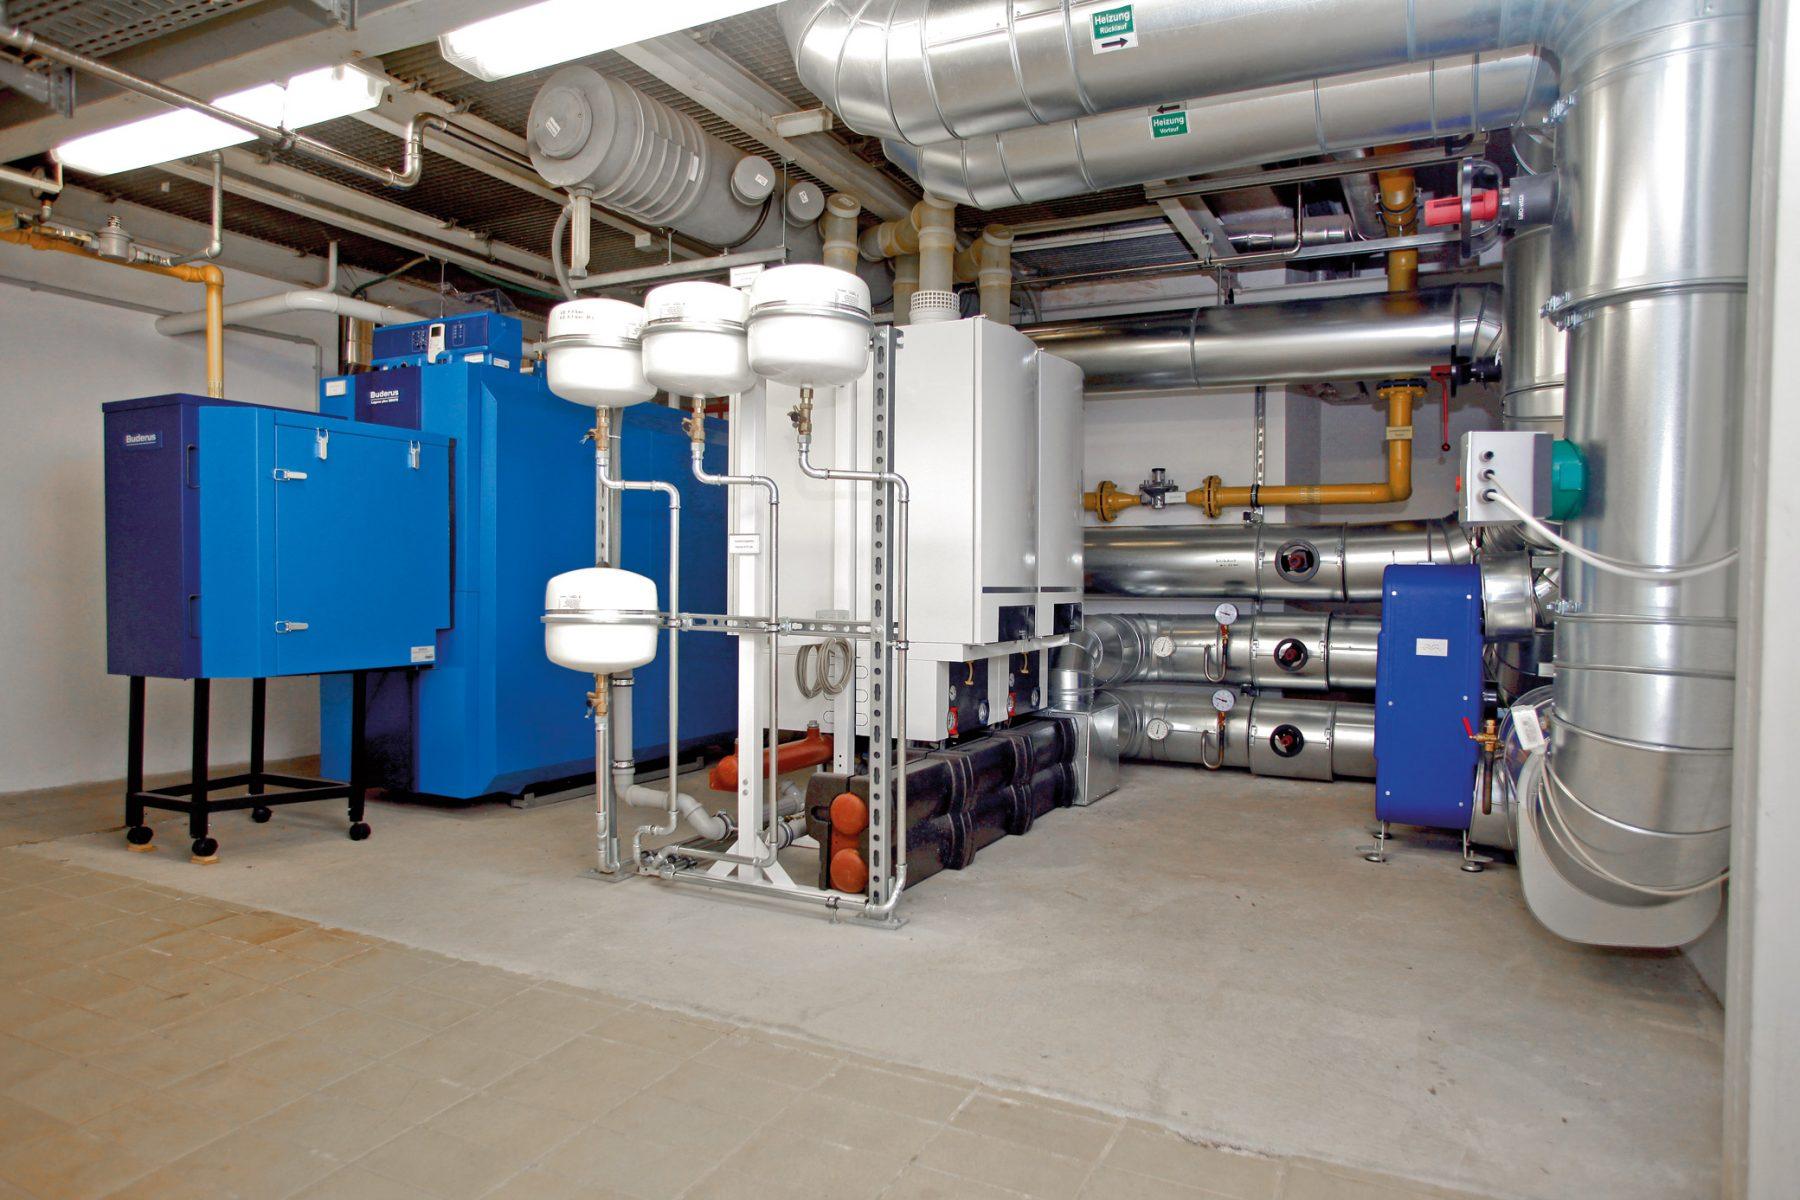 Anlage des Hotel auf der Wartburg bestehend aus Gas-Brennwertkessel Logano plus SB615-400 und Kaskade aus 4 bzw. 6 Brennwertgeräten Logamax plus GB162-100